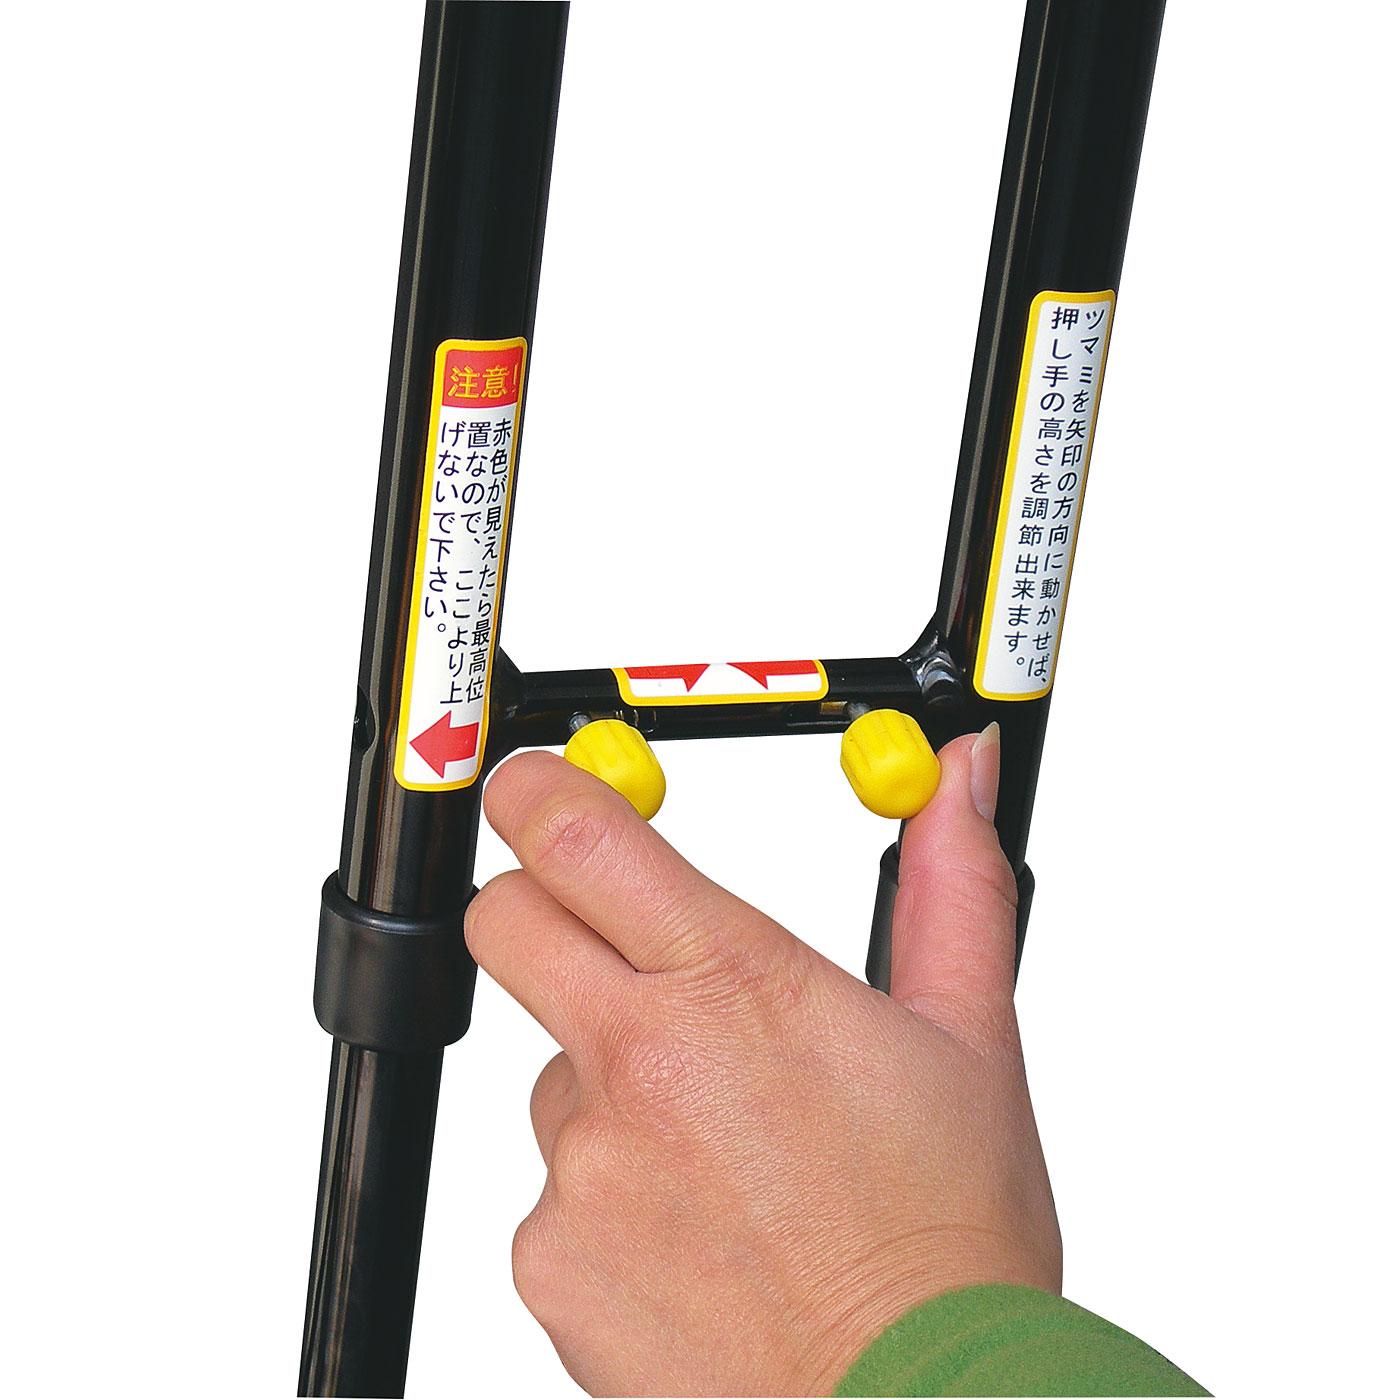 ワンタッチ押し手高さ調節。片手で簡単に押し手の高さ調節が可能。ワンタッチで小さくでき、収納時にも便利です。